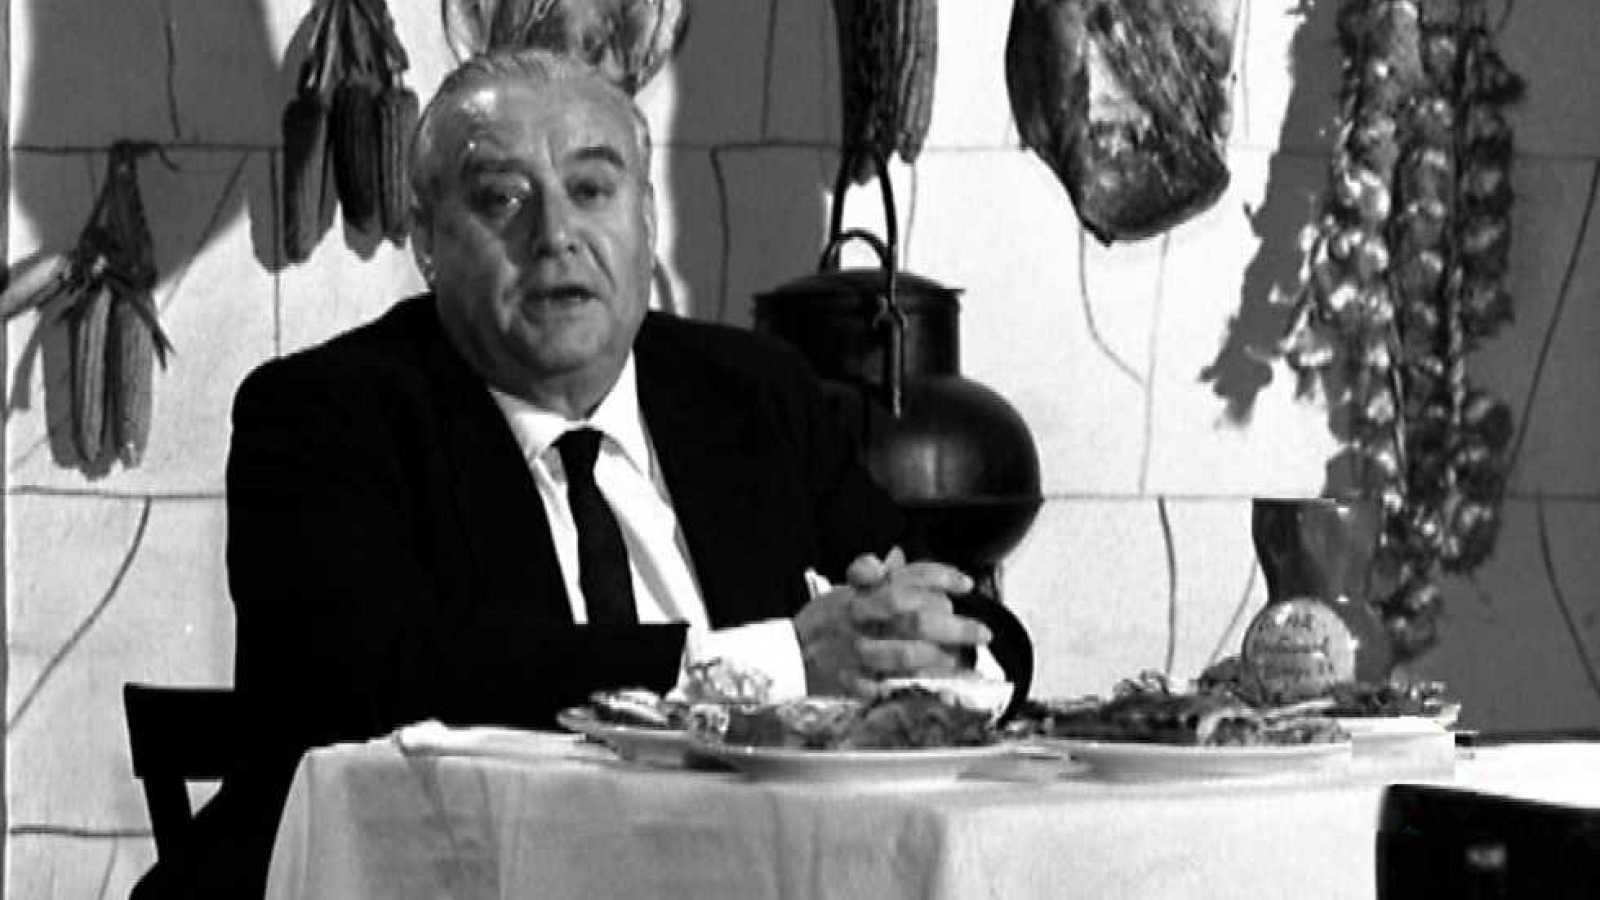 Historia de nuestro cine - El crimen de la calle Bordadores - Ver ahora